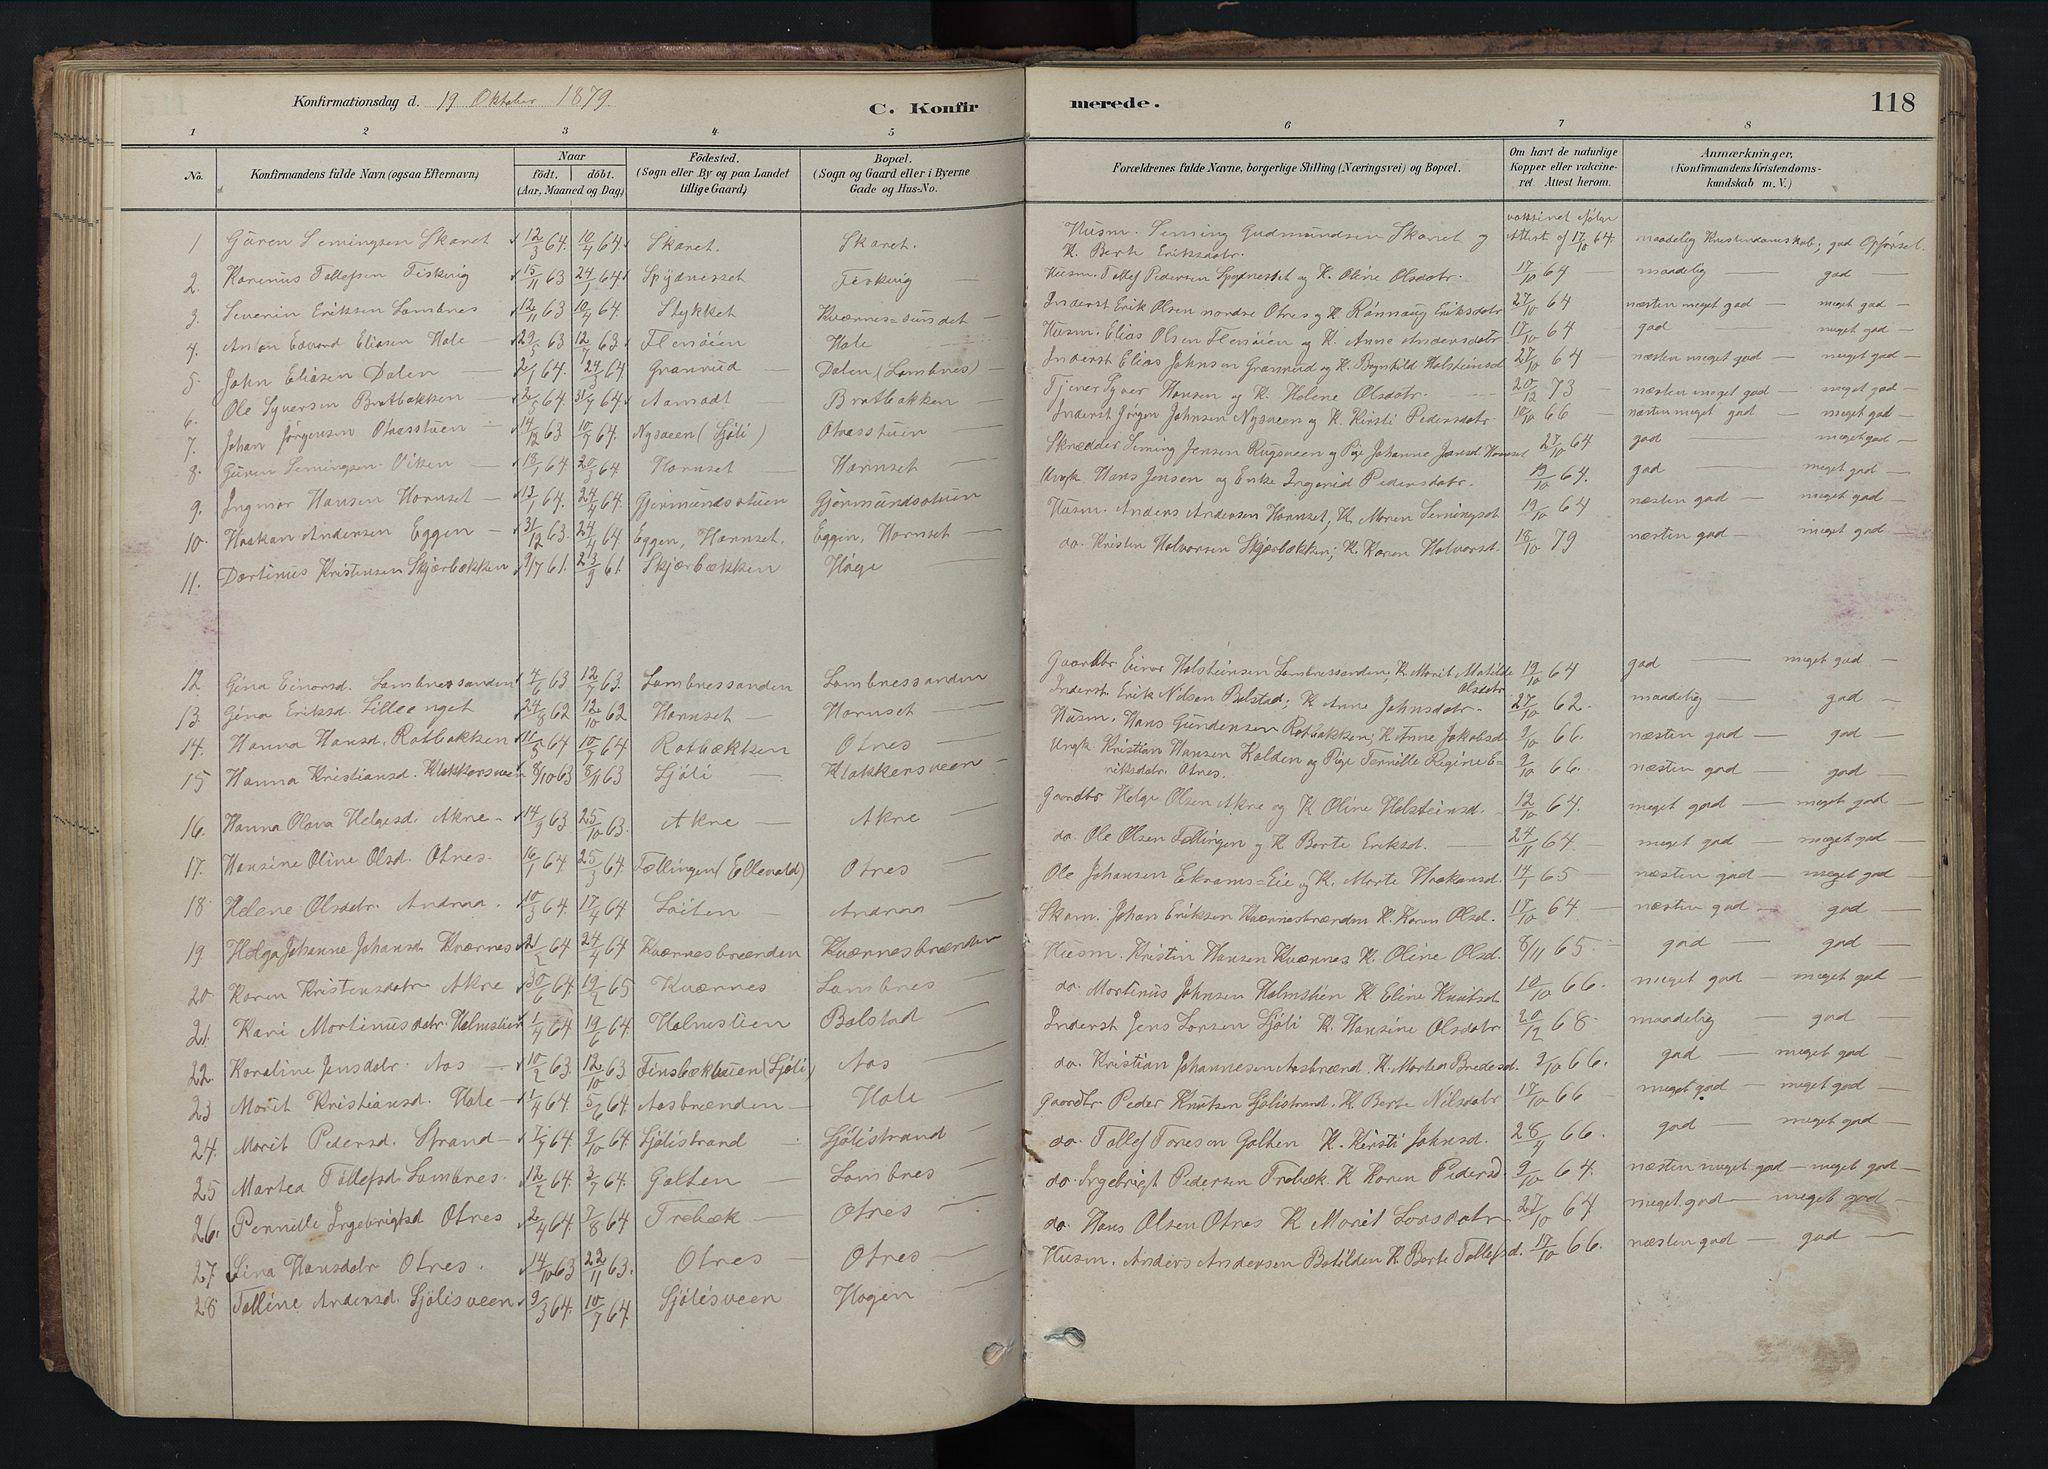 SAH, Rendalen prestekontor, H/Ha/Hab/L0009: Klokkerbok nr. 9, 1879-1902, s. 118